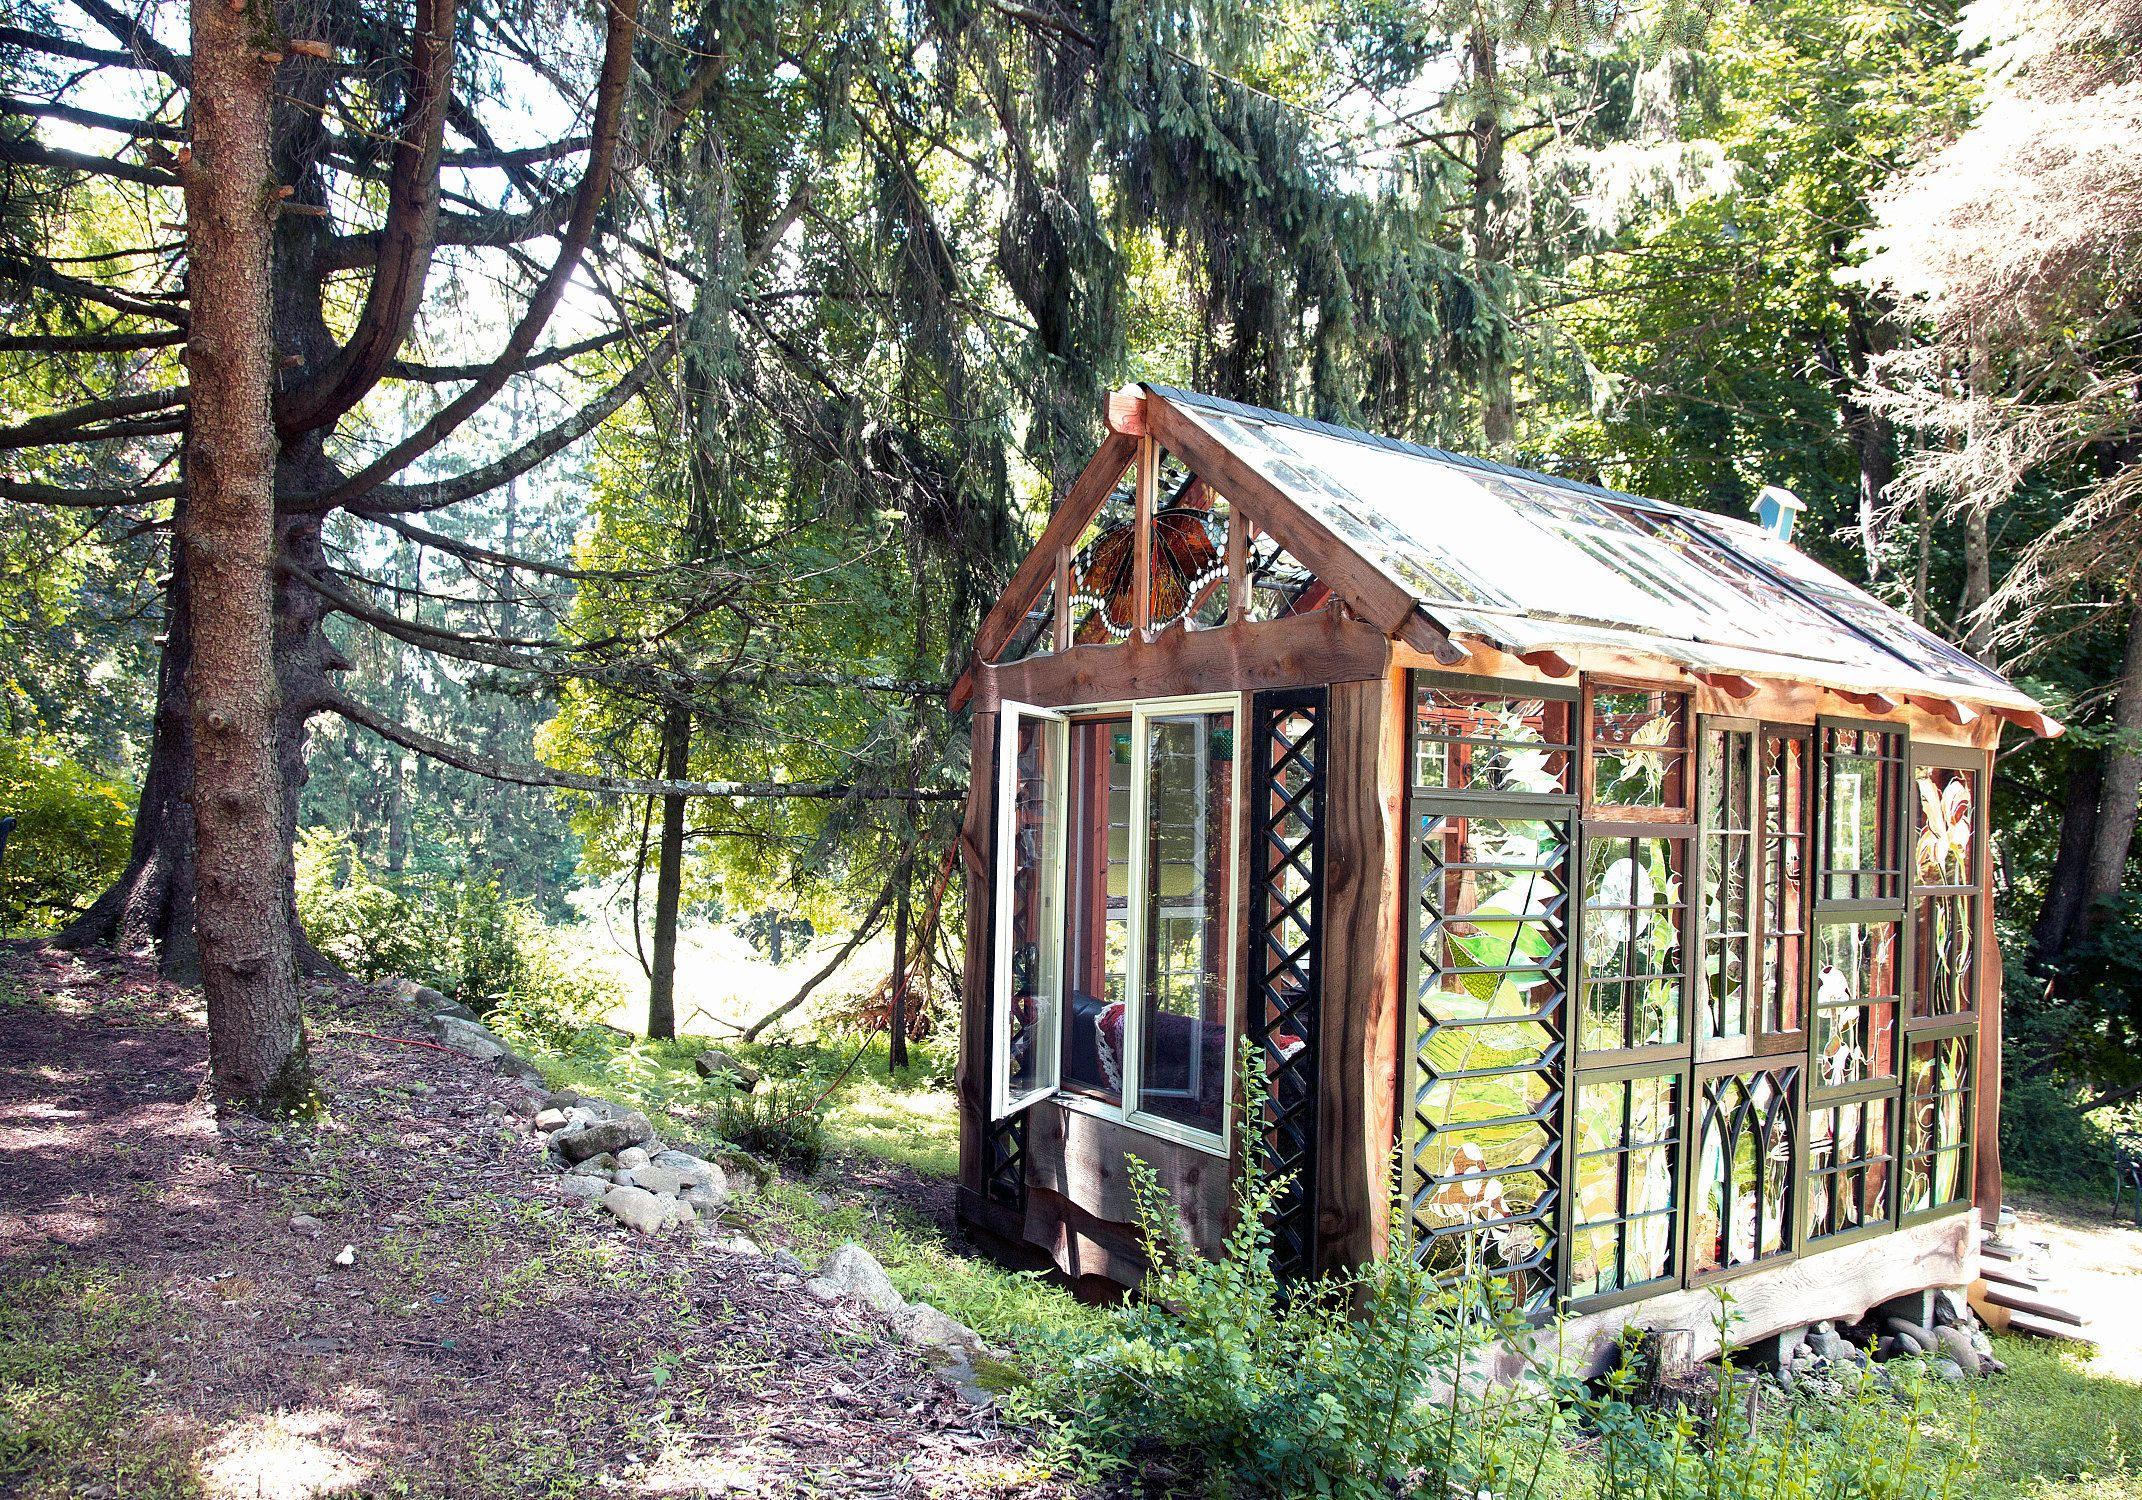 Des ateliers qui donnent des idées : Neile | Les cabanes, Cabanes et ...